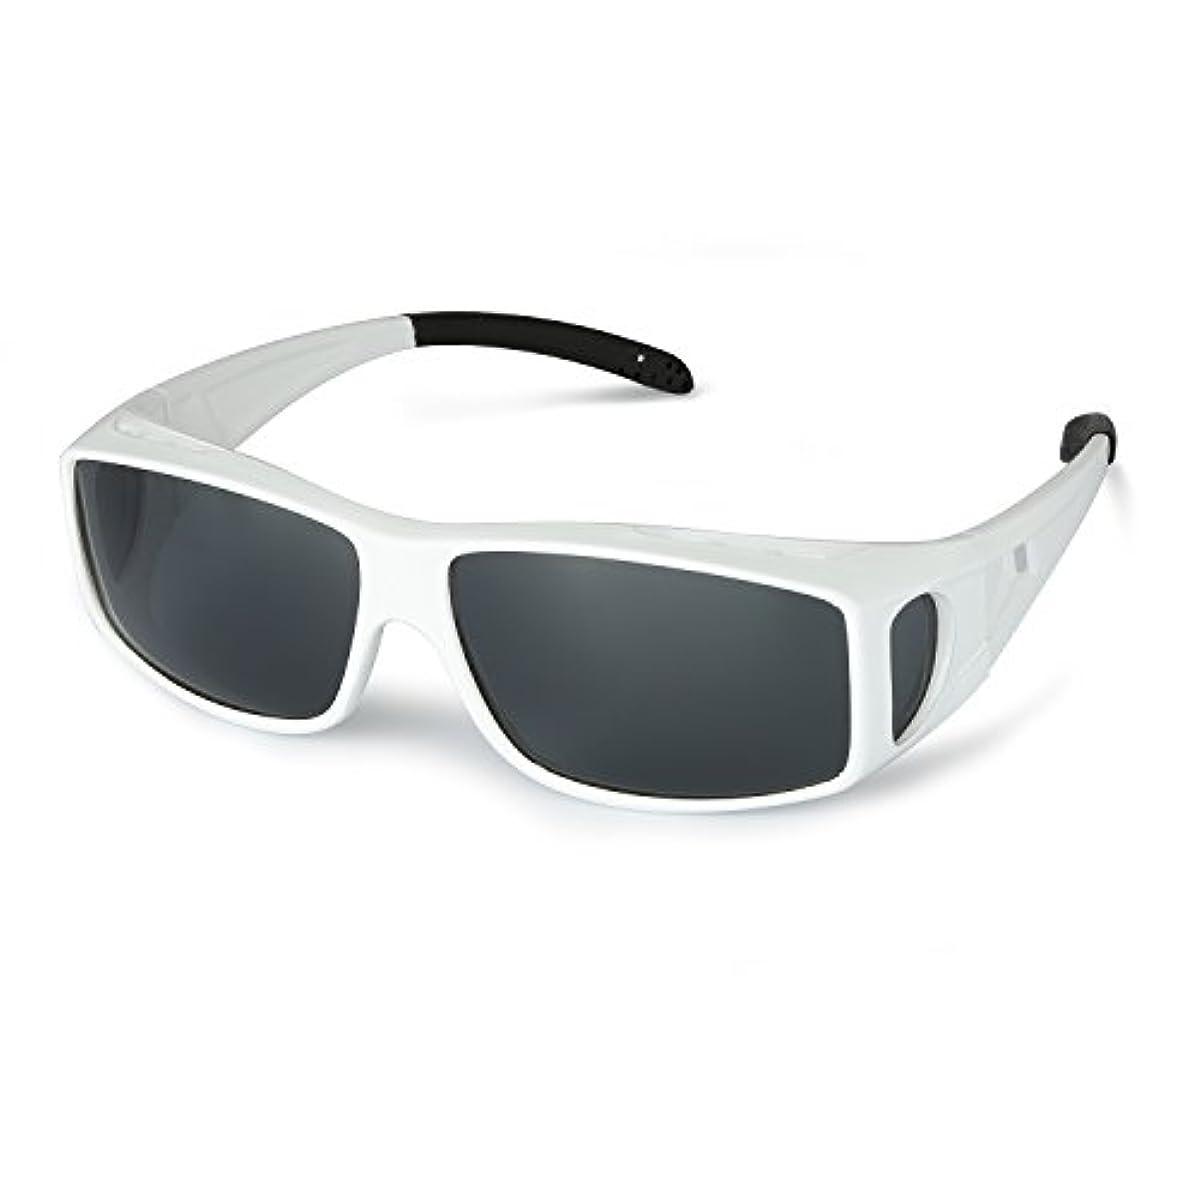 [해외] 오버 썬글라스 편광 렌즈 편광 썬글라스 UV400 UV컷 드라이어이브 골프 낚시용 운전용 패션